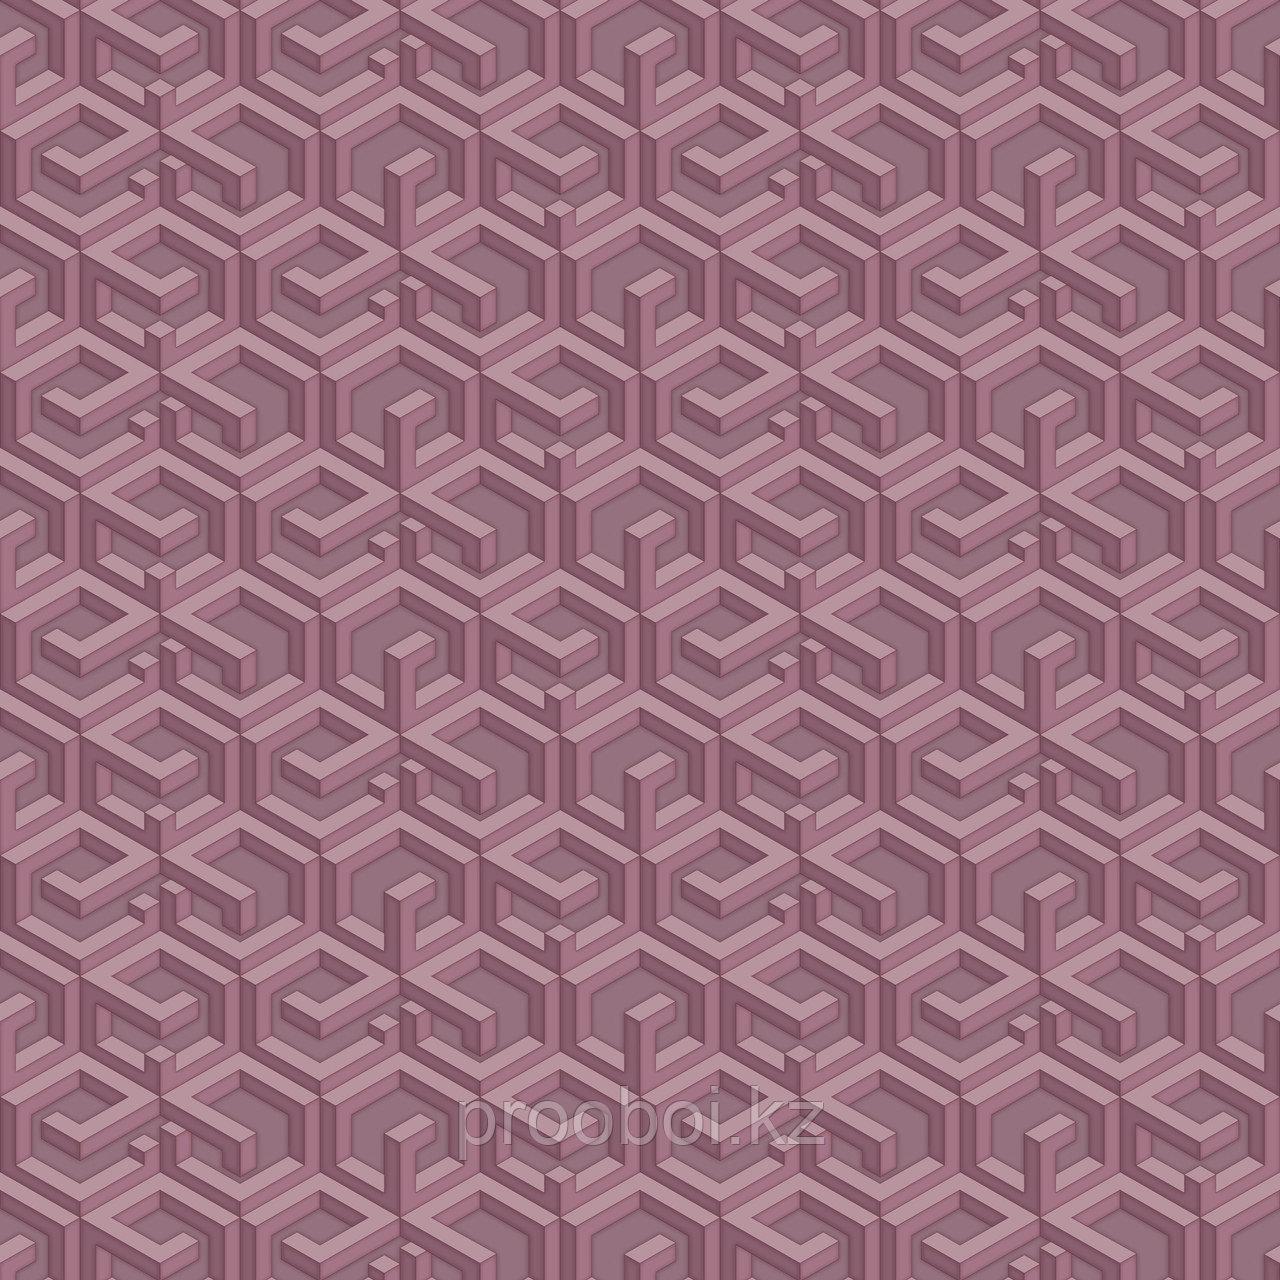 Виниловые обои (метровые) Matrix 54323-4